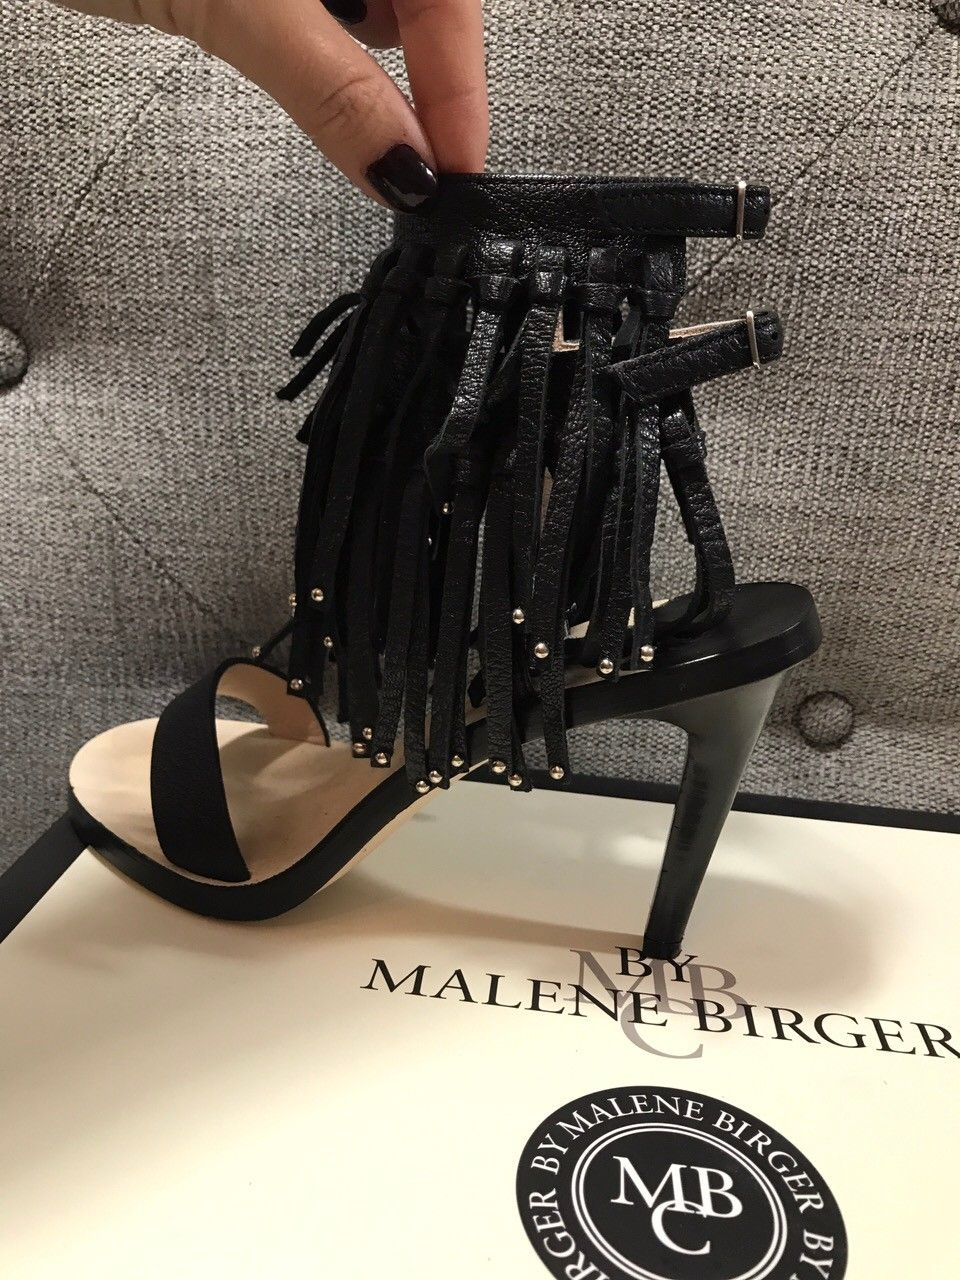 Dior, Malene Birger og Piccadilly sko - Hamar  - Dior sandal-heler kjøpt i Diorbutikken i Cannes selges for 1200,- Str: 36 (Selger sal-veske som matcher disse skoene, se min profil for annonsen) By Malene Birger sko med frynser selges for 1000,- Kjøpt i Stockholm. Str 36 Piccadilly sko - Helt - Hamar